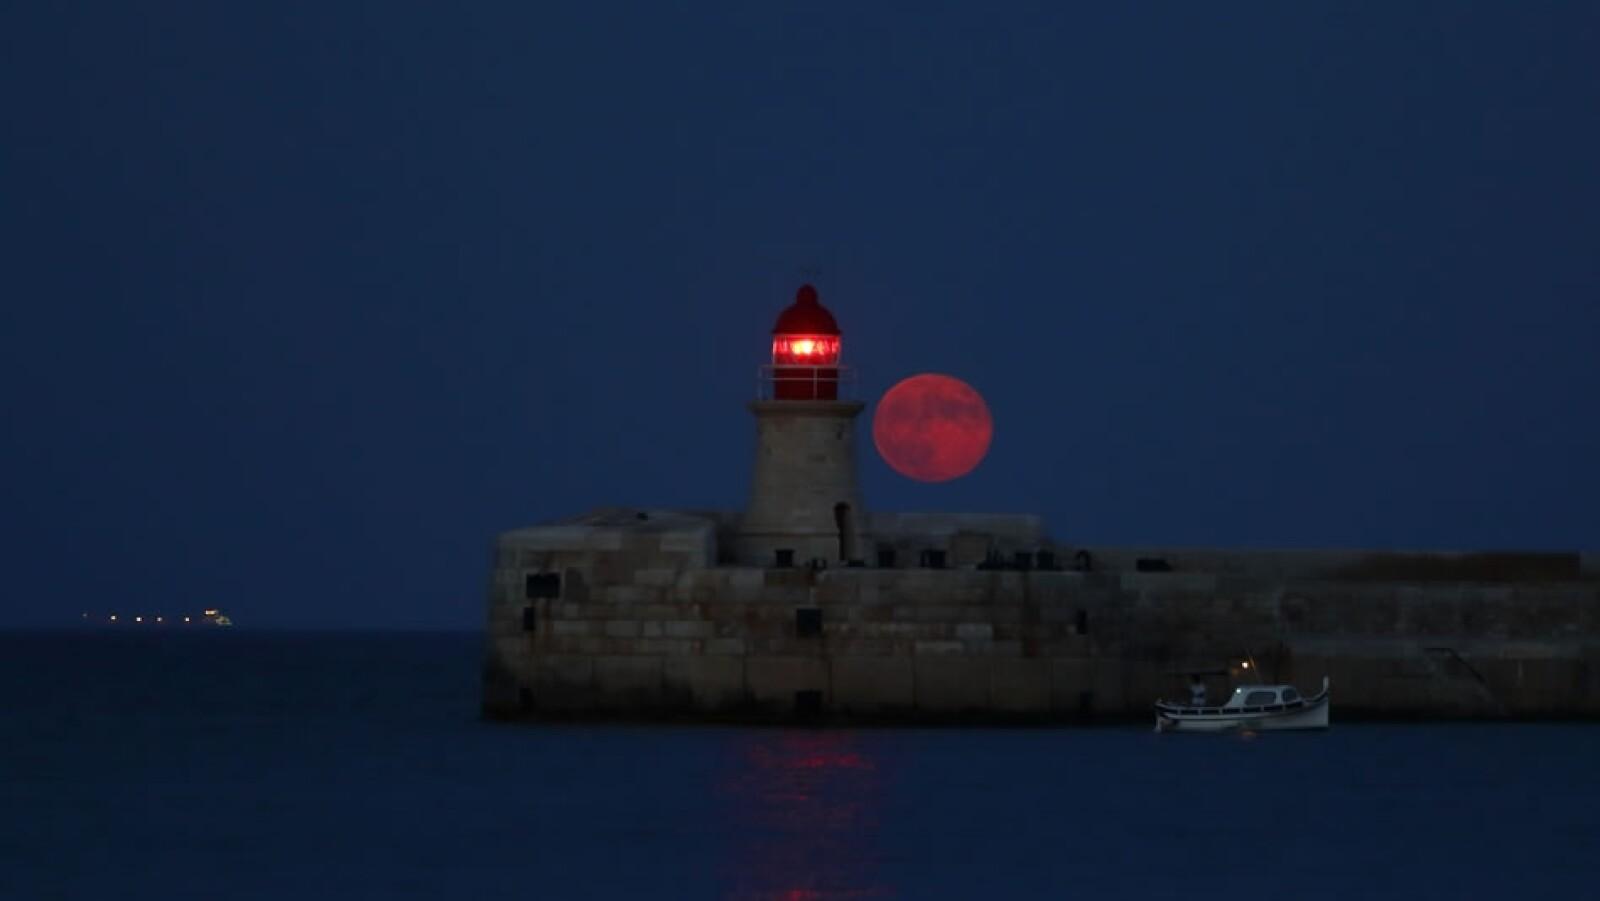 Una luna con tono rojizo aparece en el puerto de La Valeta, capital de Malta